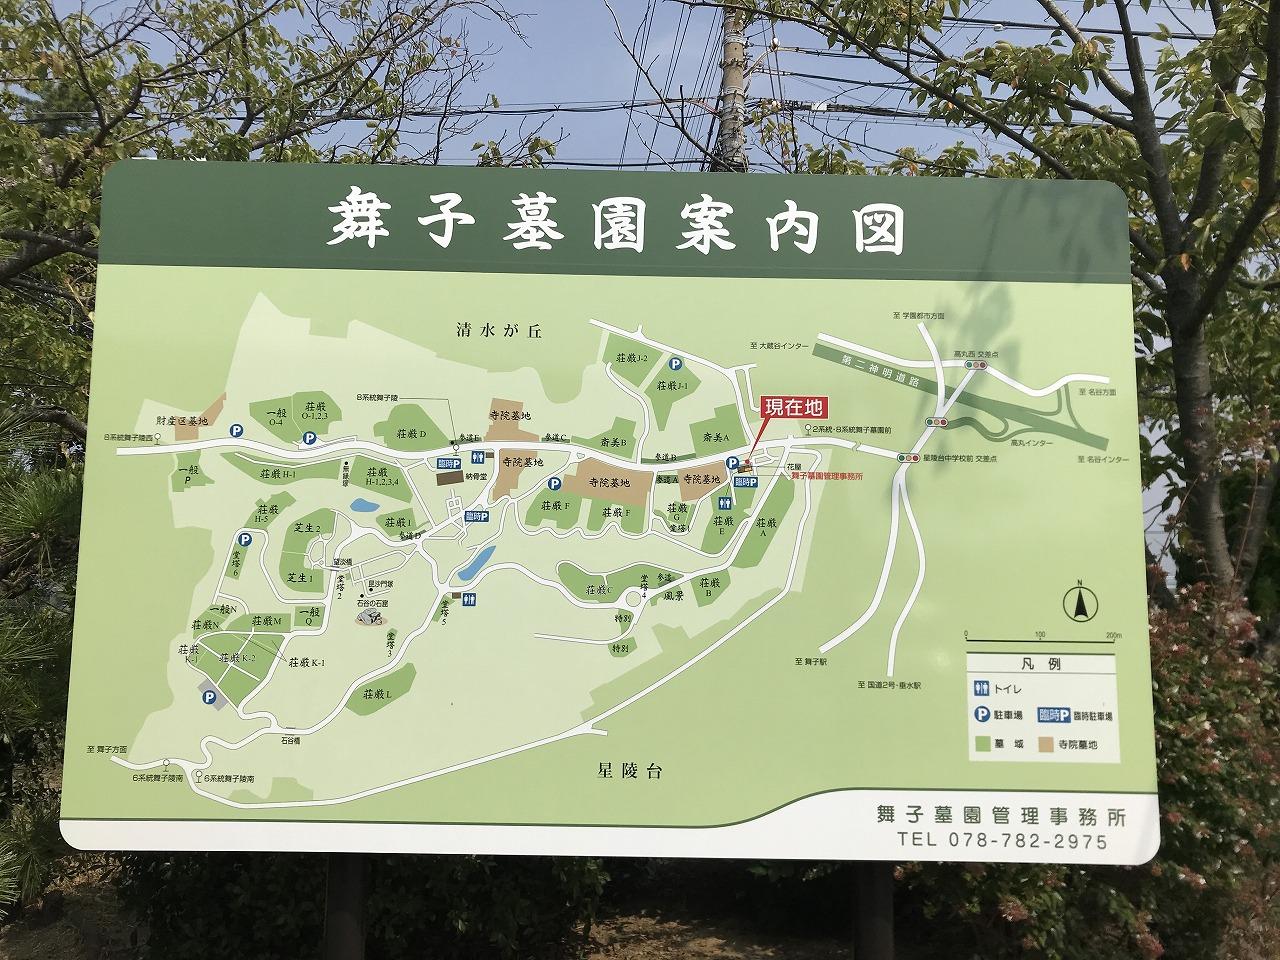 神戸市立舞子墓園の墓地の案内図